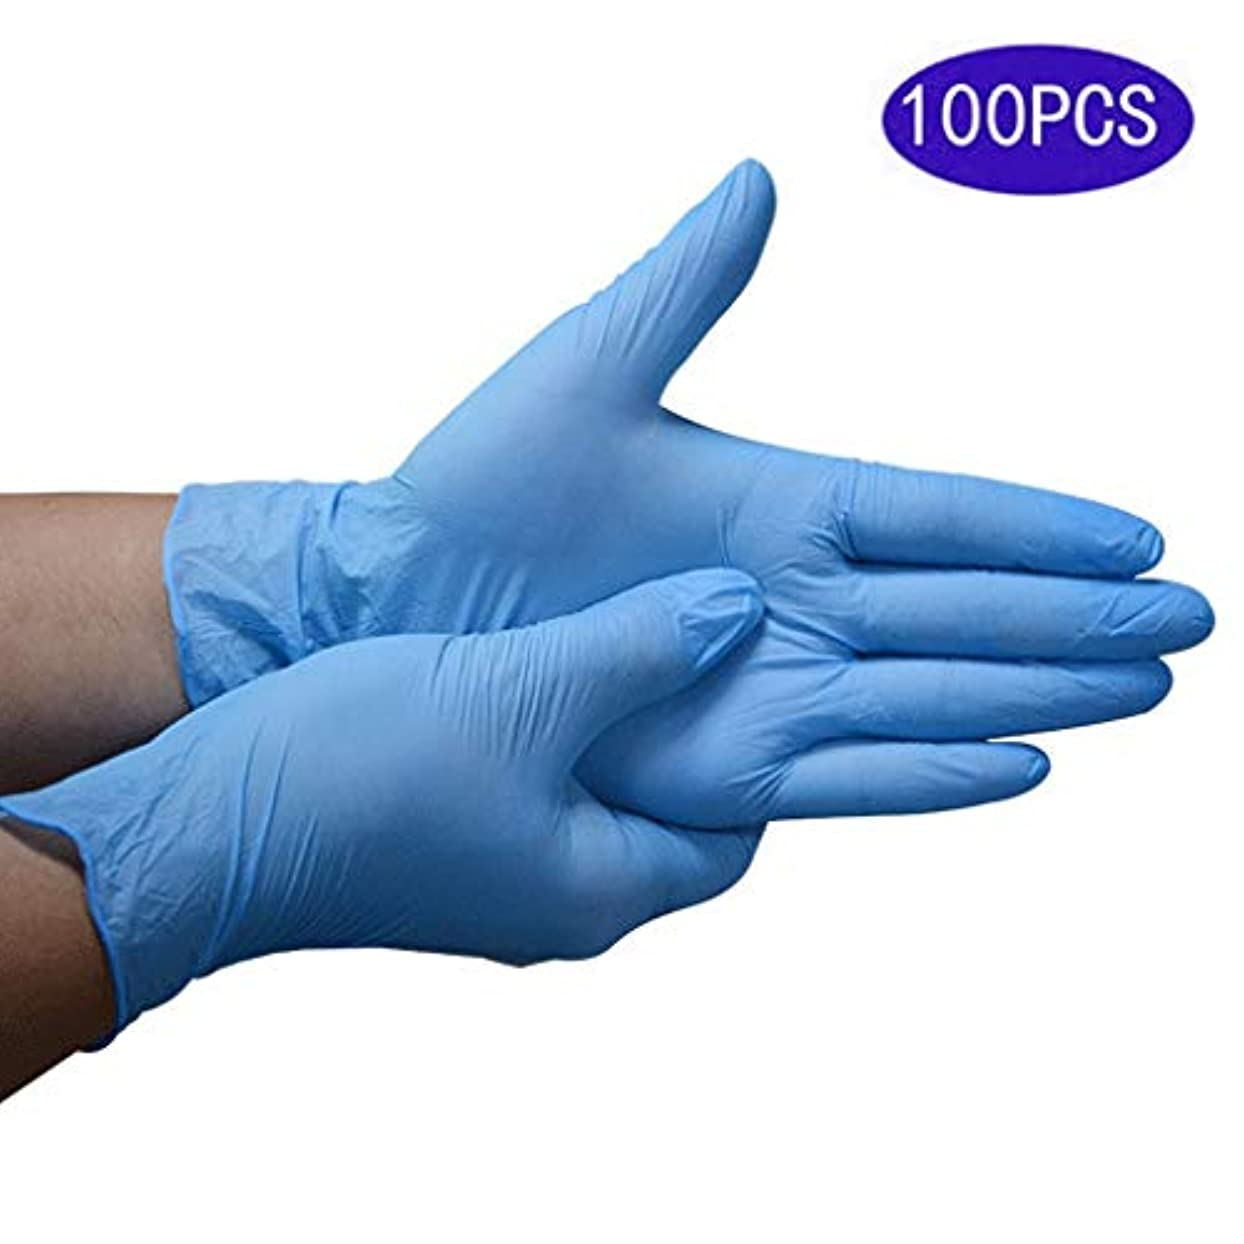 旅行帆上院使い捨てニトリル手袋9インチゴム手袋オイルプルーフアンチスキッド家事テスト手袋、食品用ゴム手袋デューティ検査用手袋|100の病院ボックスのプロフェッショナルグレード (Size : L)